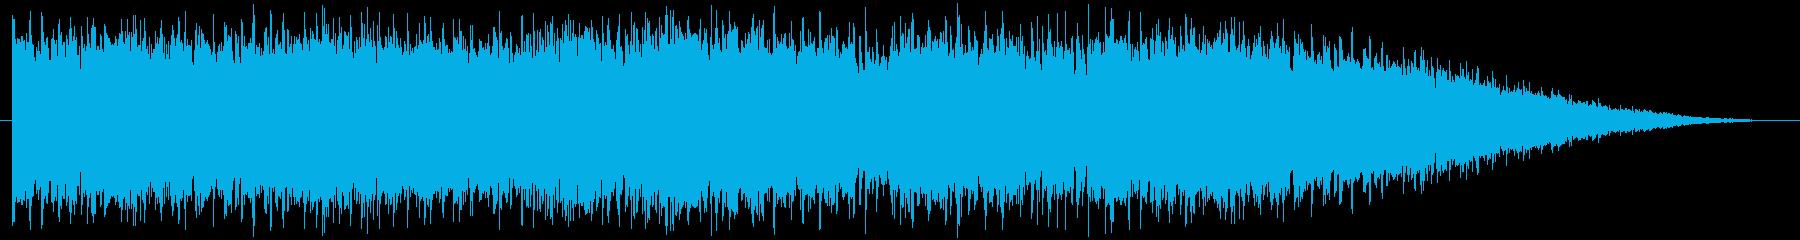 情熱的なメロディのハードロックの再生済みの波形